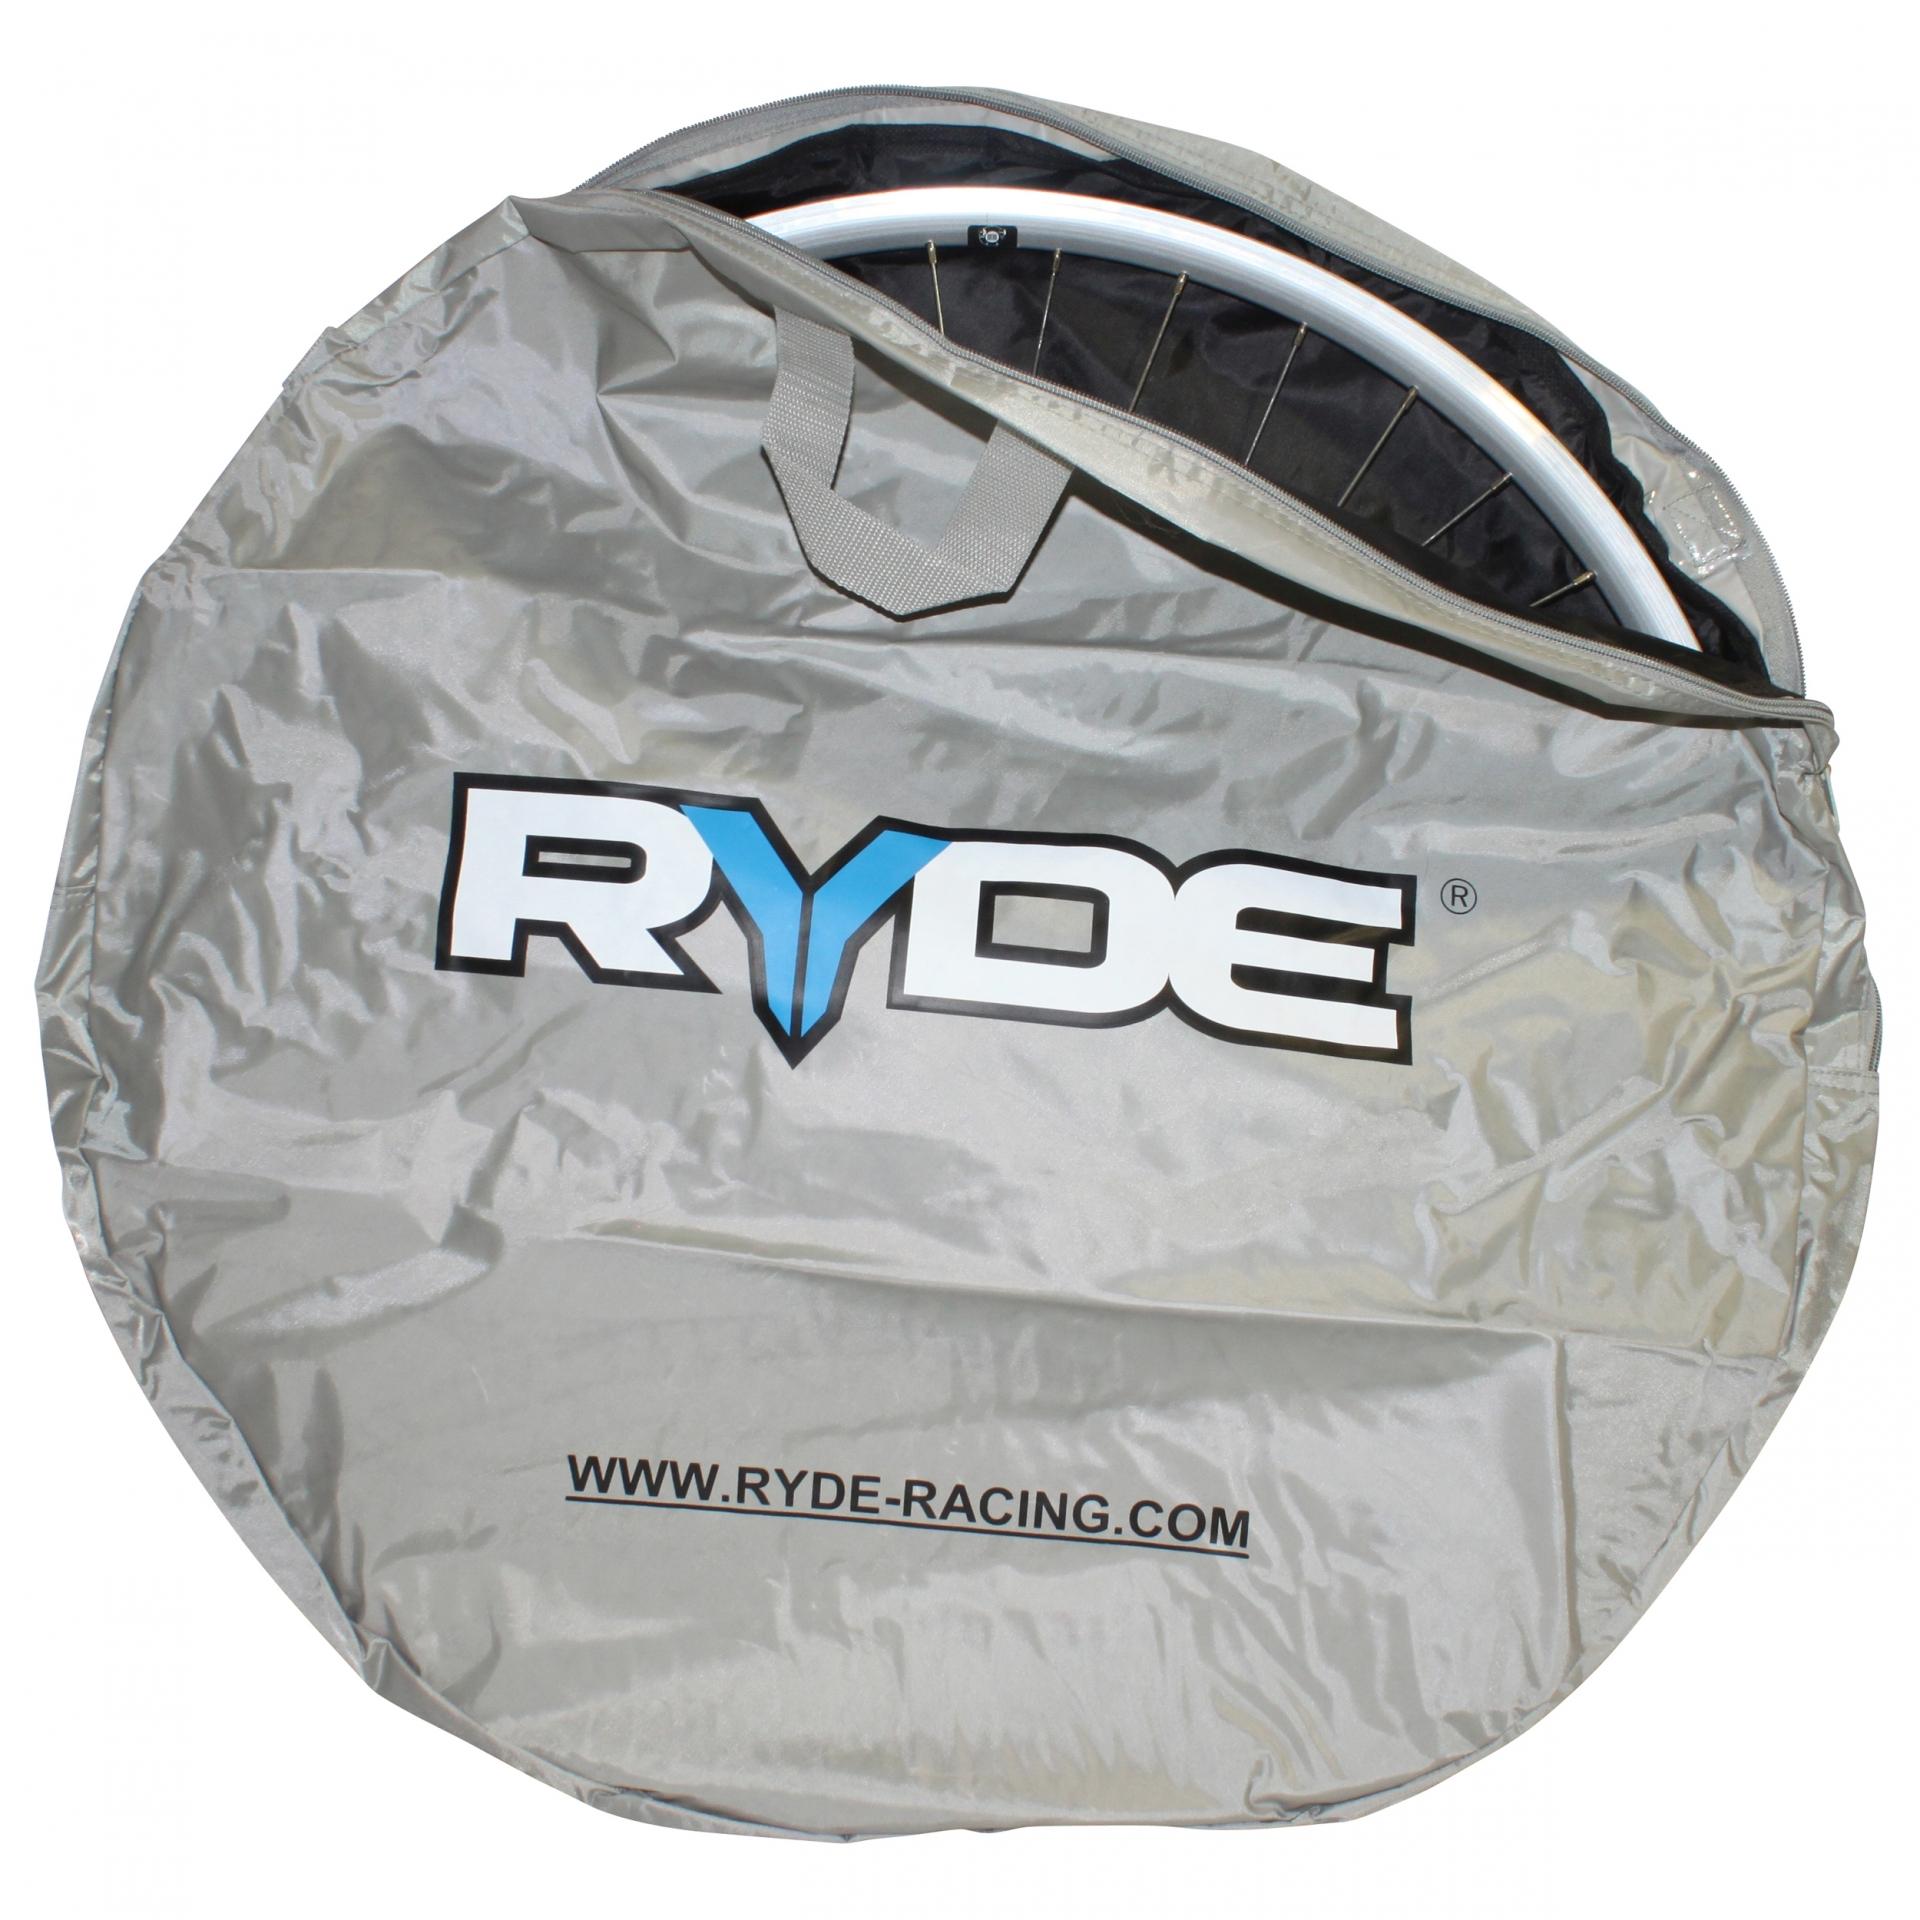 Housse de protection roue Ryde Gris